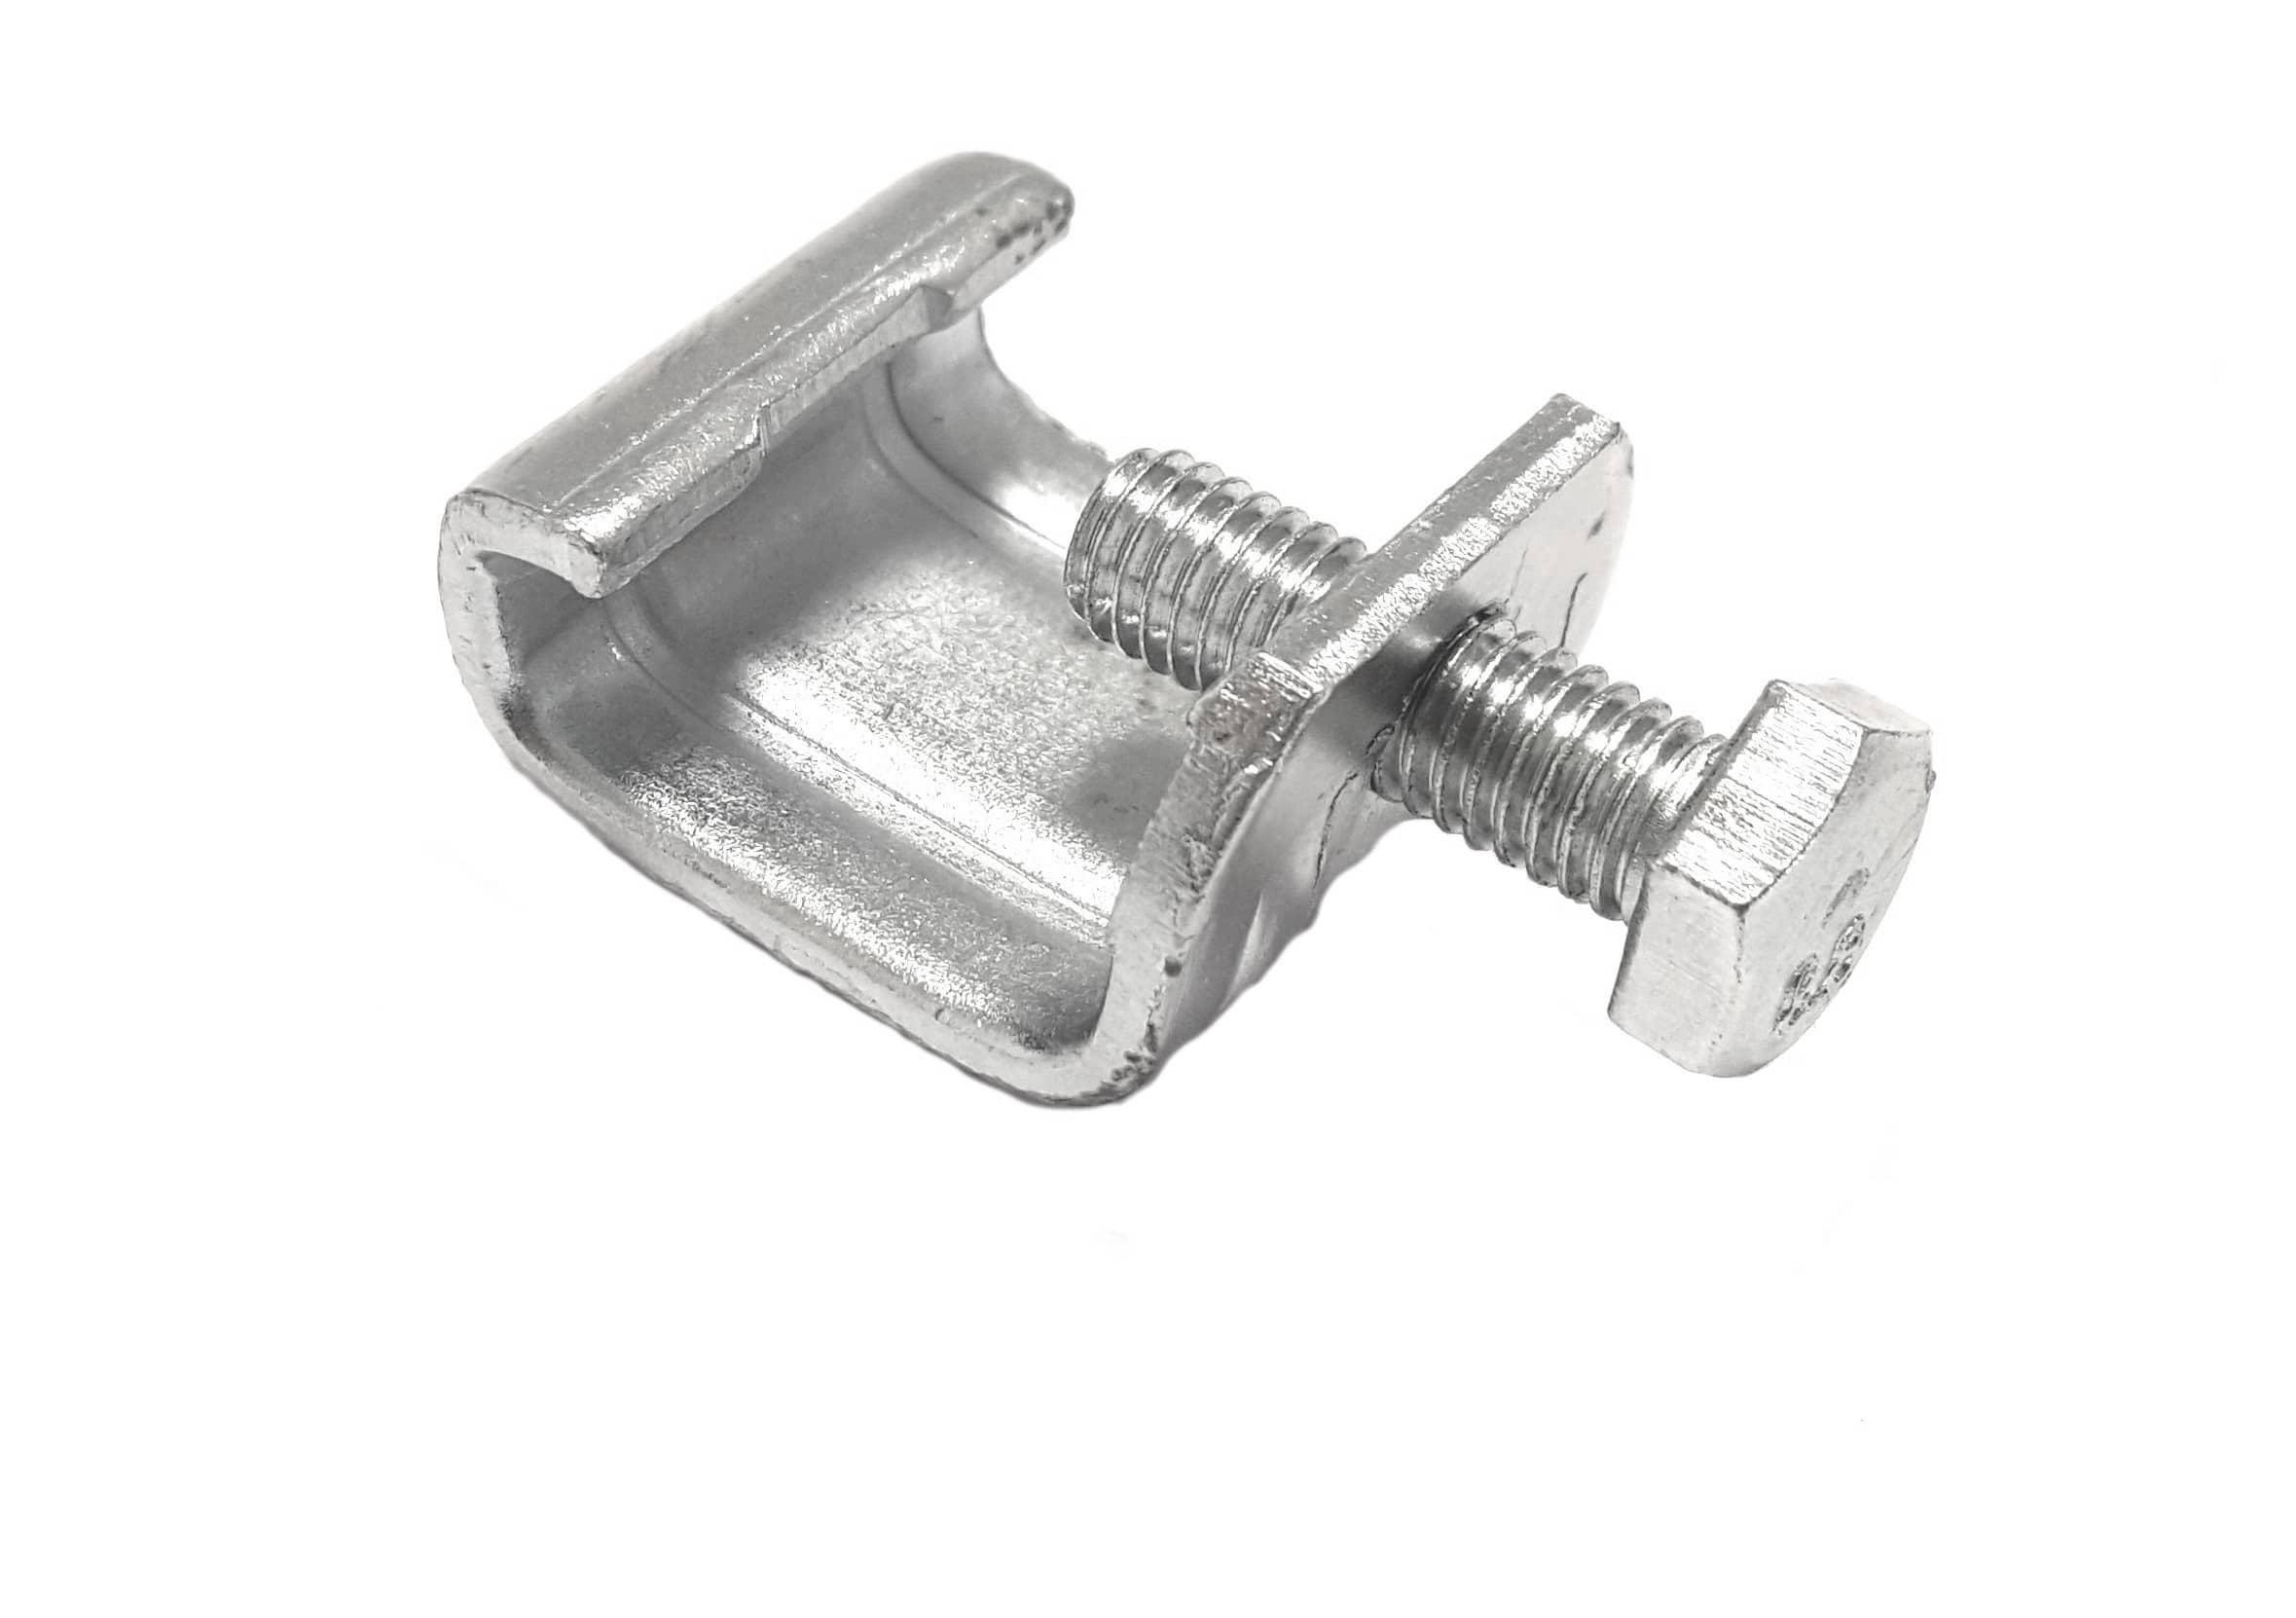 Kanalklammer Gewindebügel und Schraube